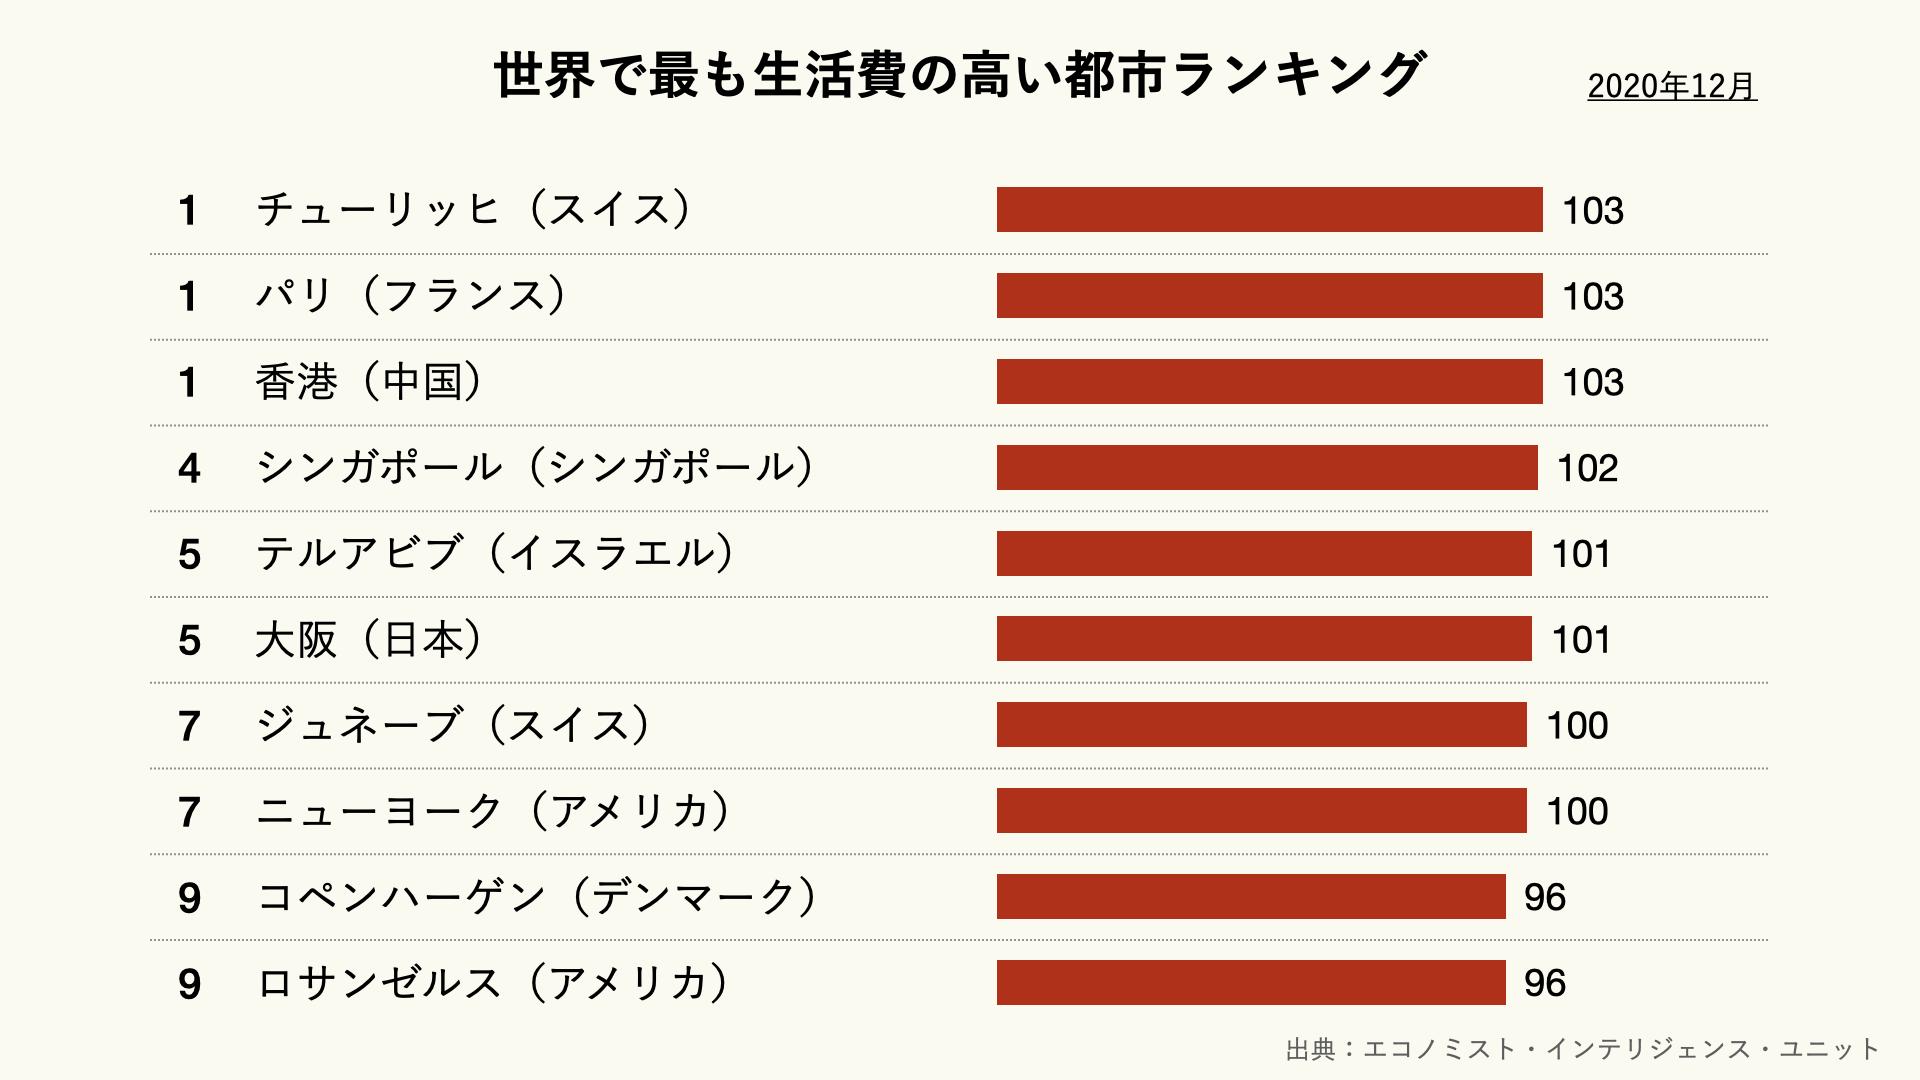 世界で最も生活費の高い都市ランキング